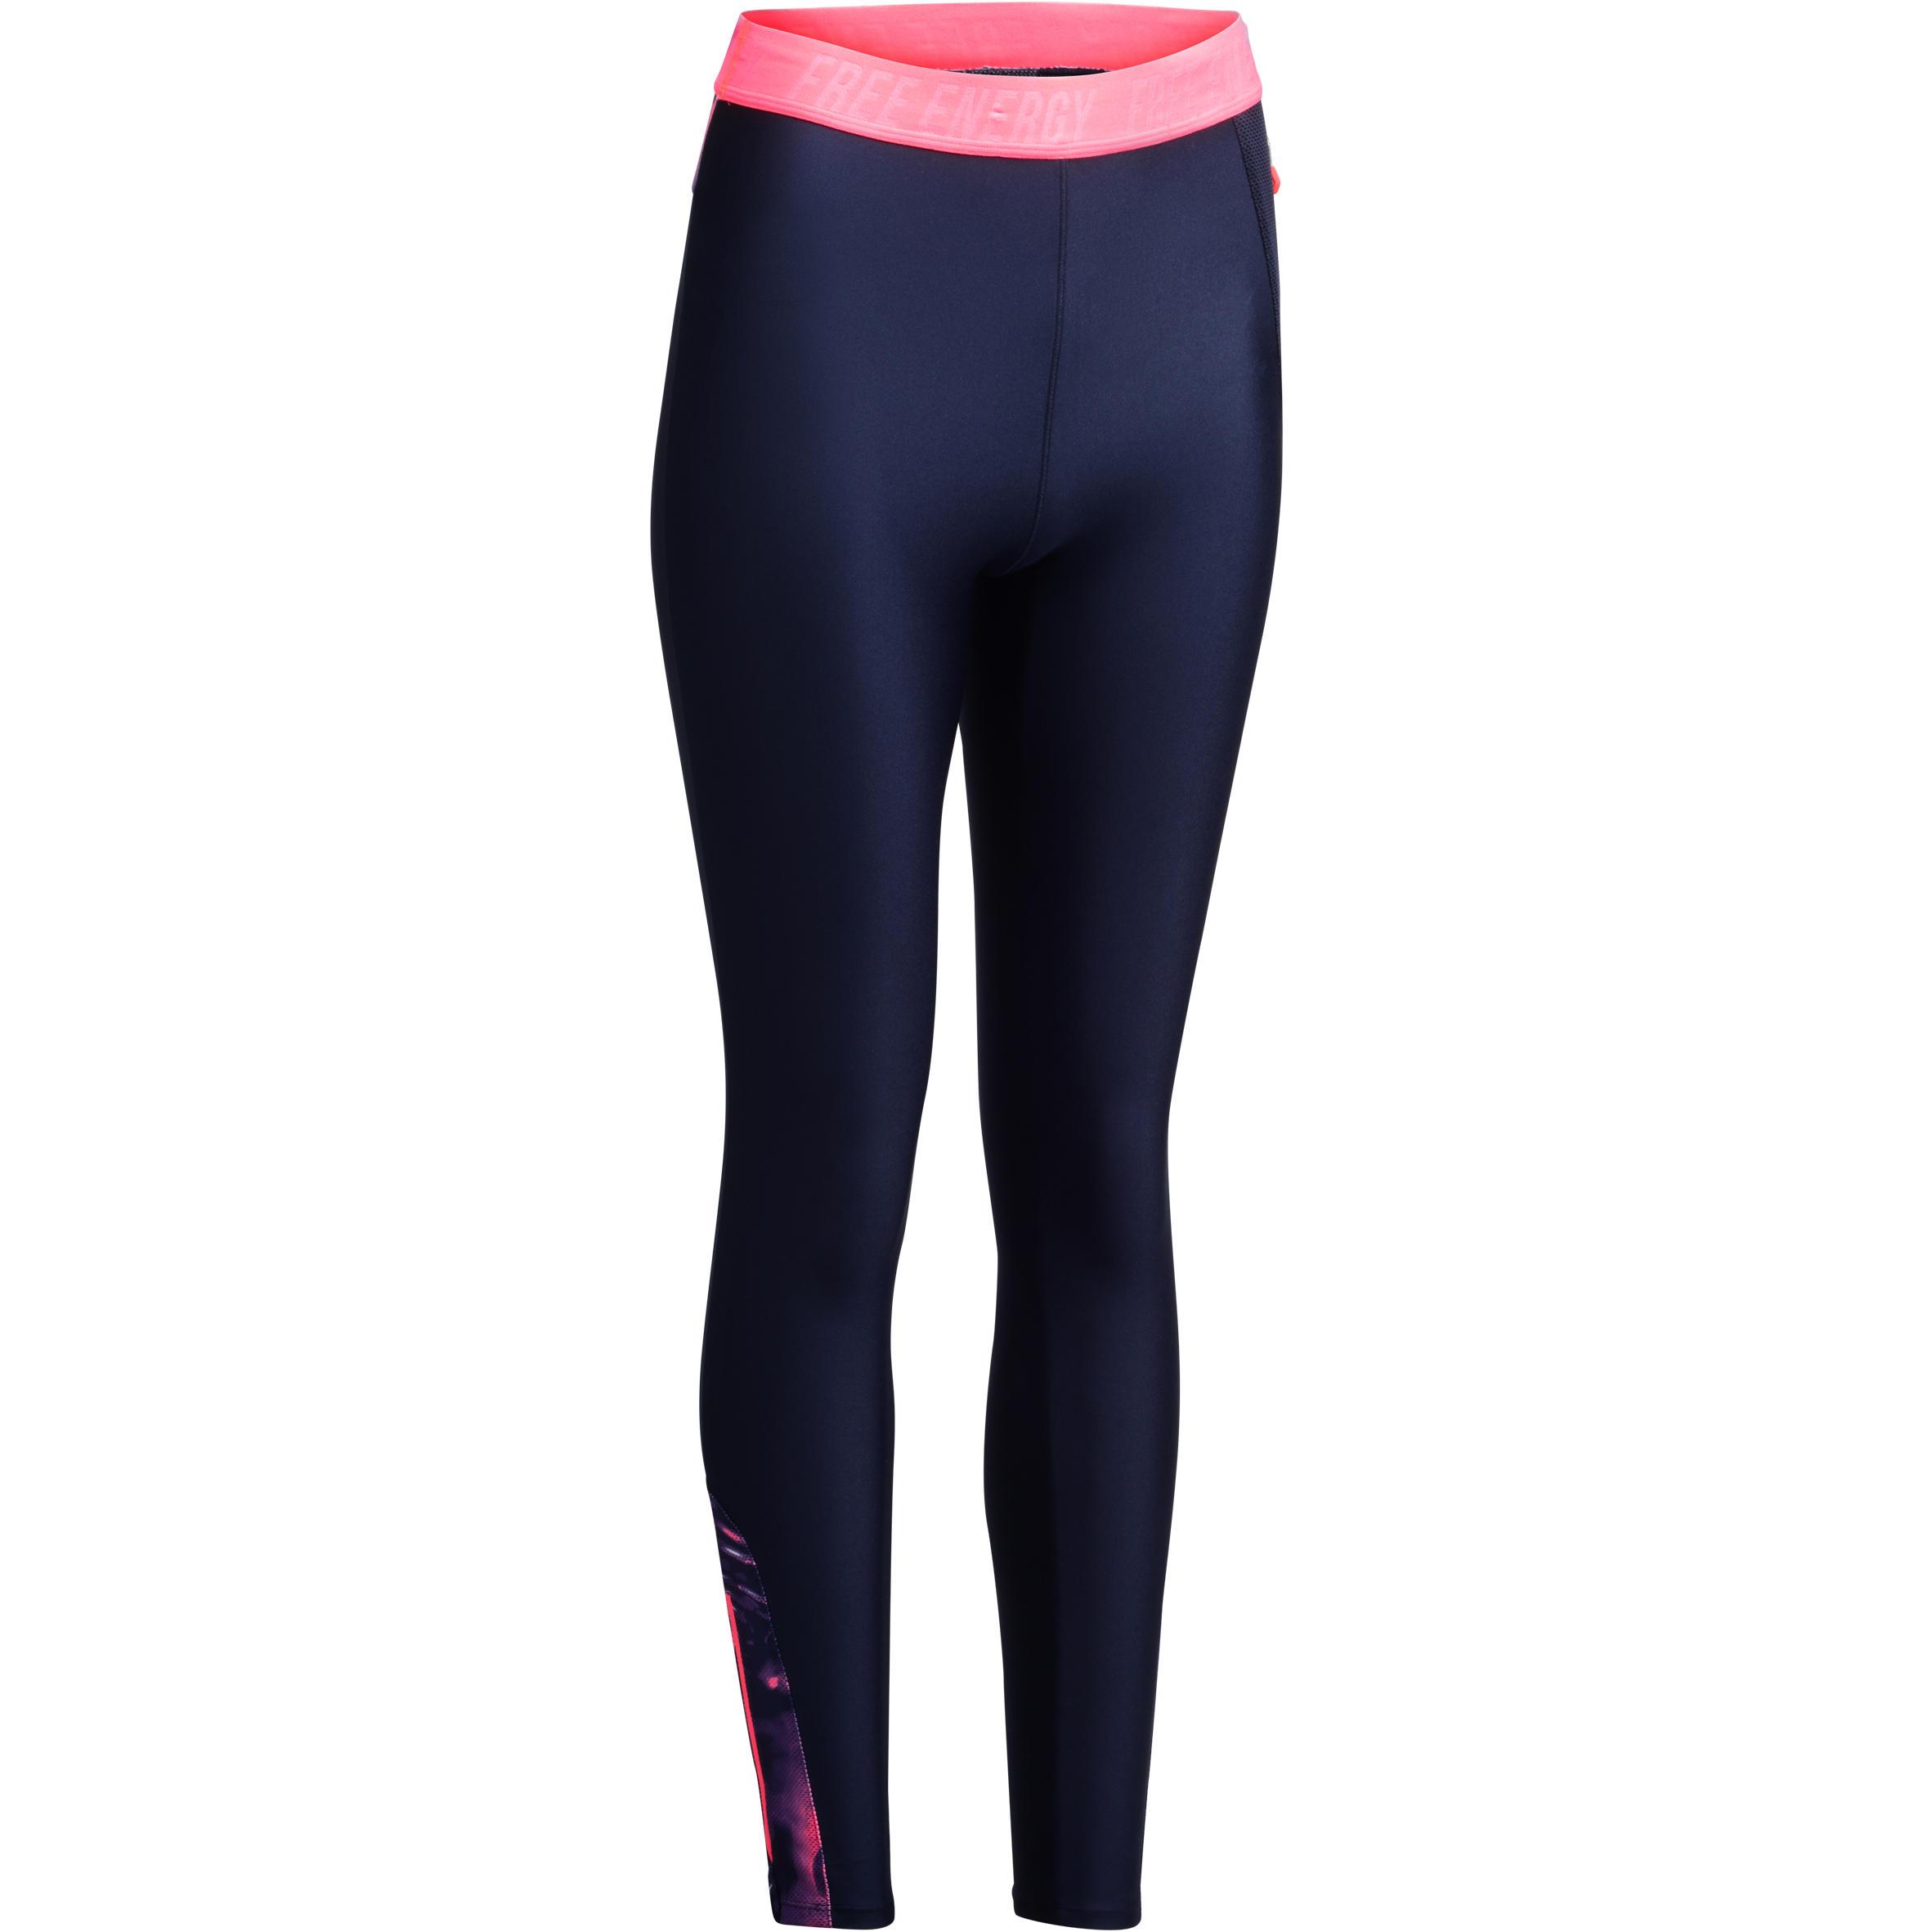 Leggings fitness cardio mujer azul marino estampados tropicales rosa 500 Domyos